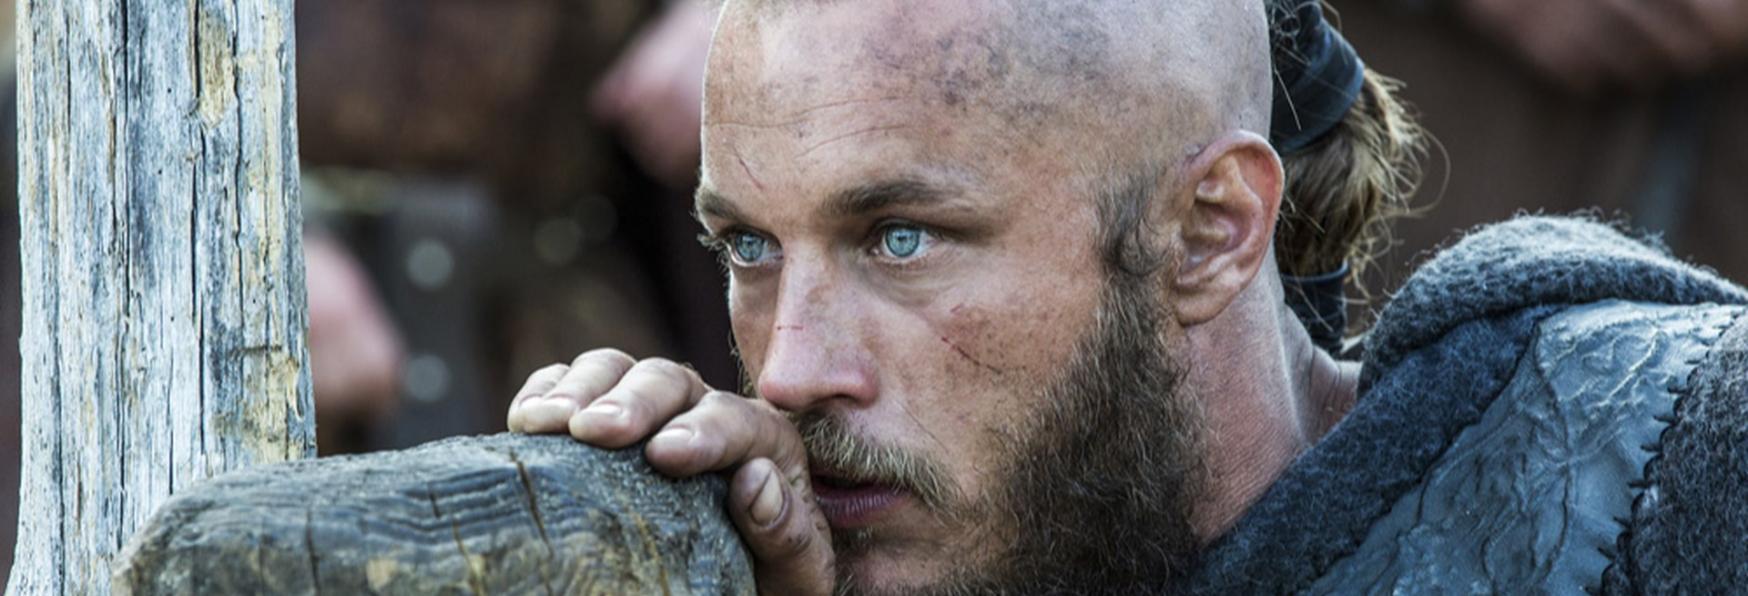 Vikings: Valhalla - Tutti gli ultimi Aggiornamenti sull'atteso Spin-off